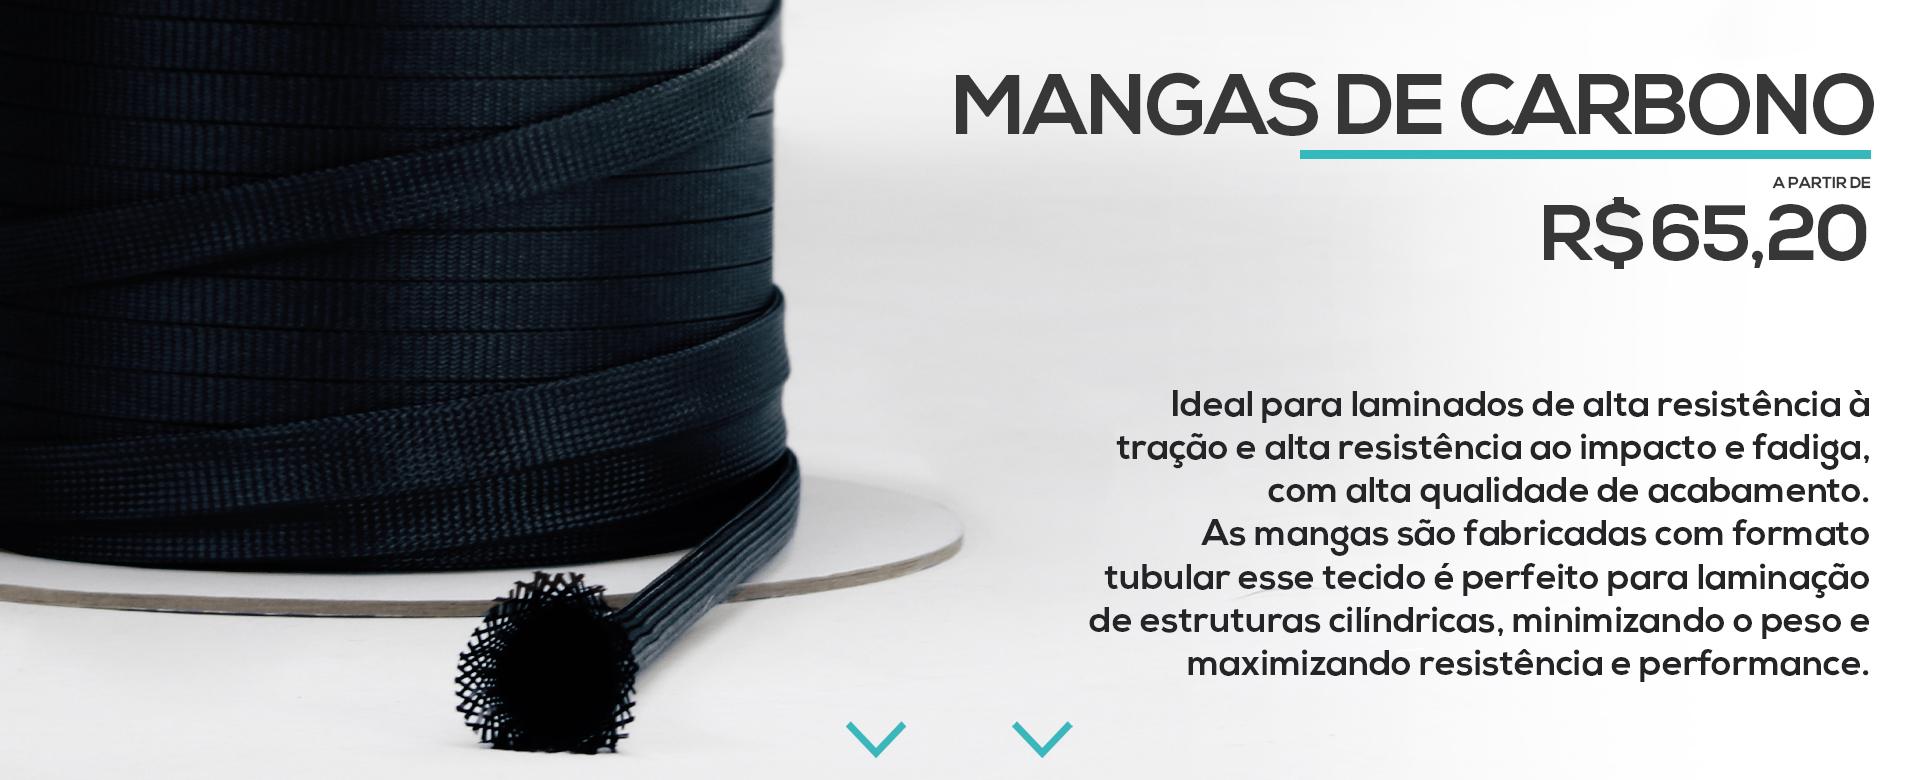 MANGAS DE CARBONO